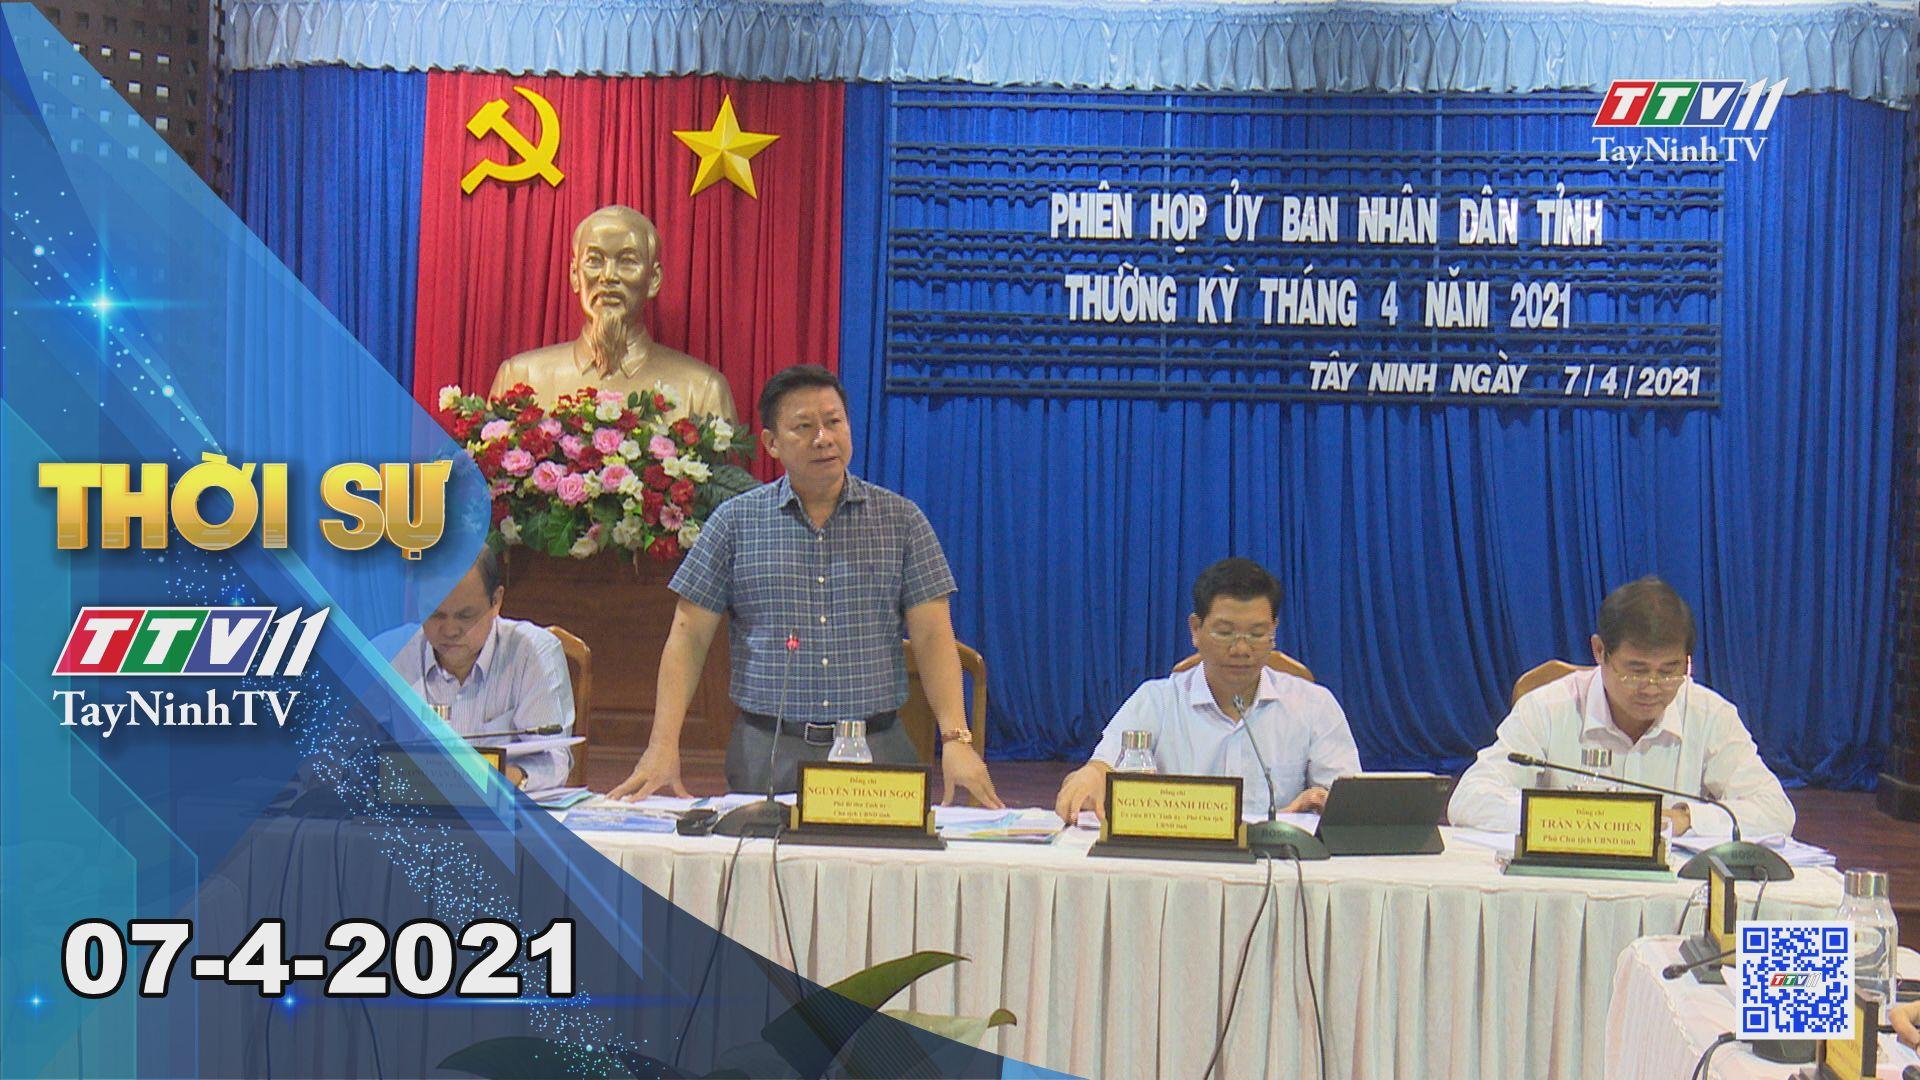 Thời sự Tây Ninh 07-4-2021 | Tin tức hôm nay | TayNinhTV